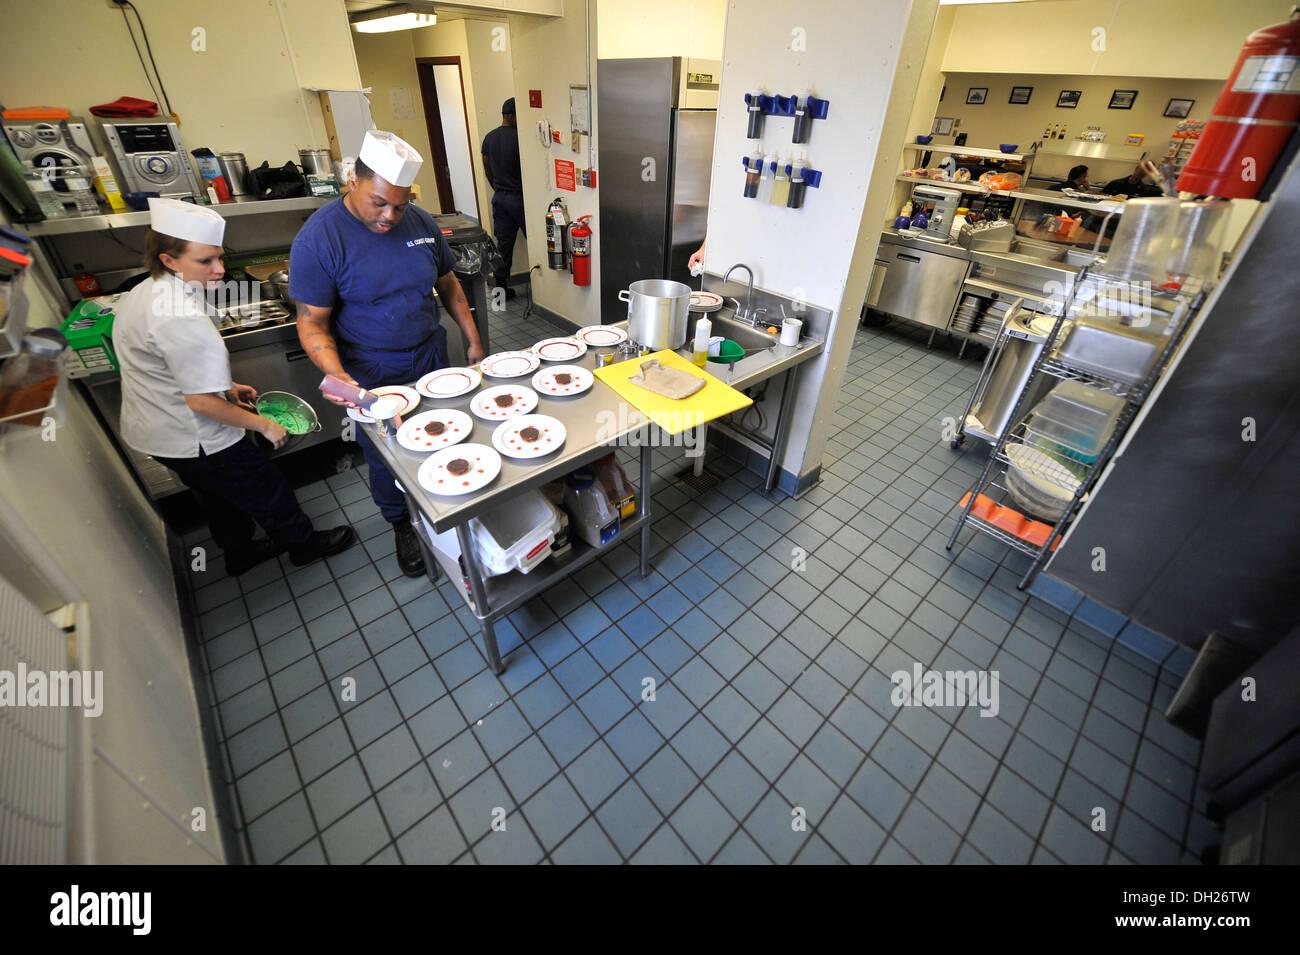 Petty Officer 2. Klasse Steena Berg und Petty Officer 2. Klasse Jeffrey Watkins, Food-Service-Spezialisten von Coast Guard Station Little Creek in Virginia Beach, VA., Vorspeisen und Desserts vorbereiten ein Kochwettbewerb am Bahnhof, Montag, den 28. Okt. 2 Stockbild